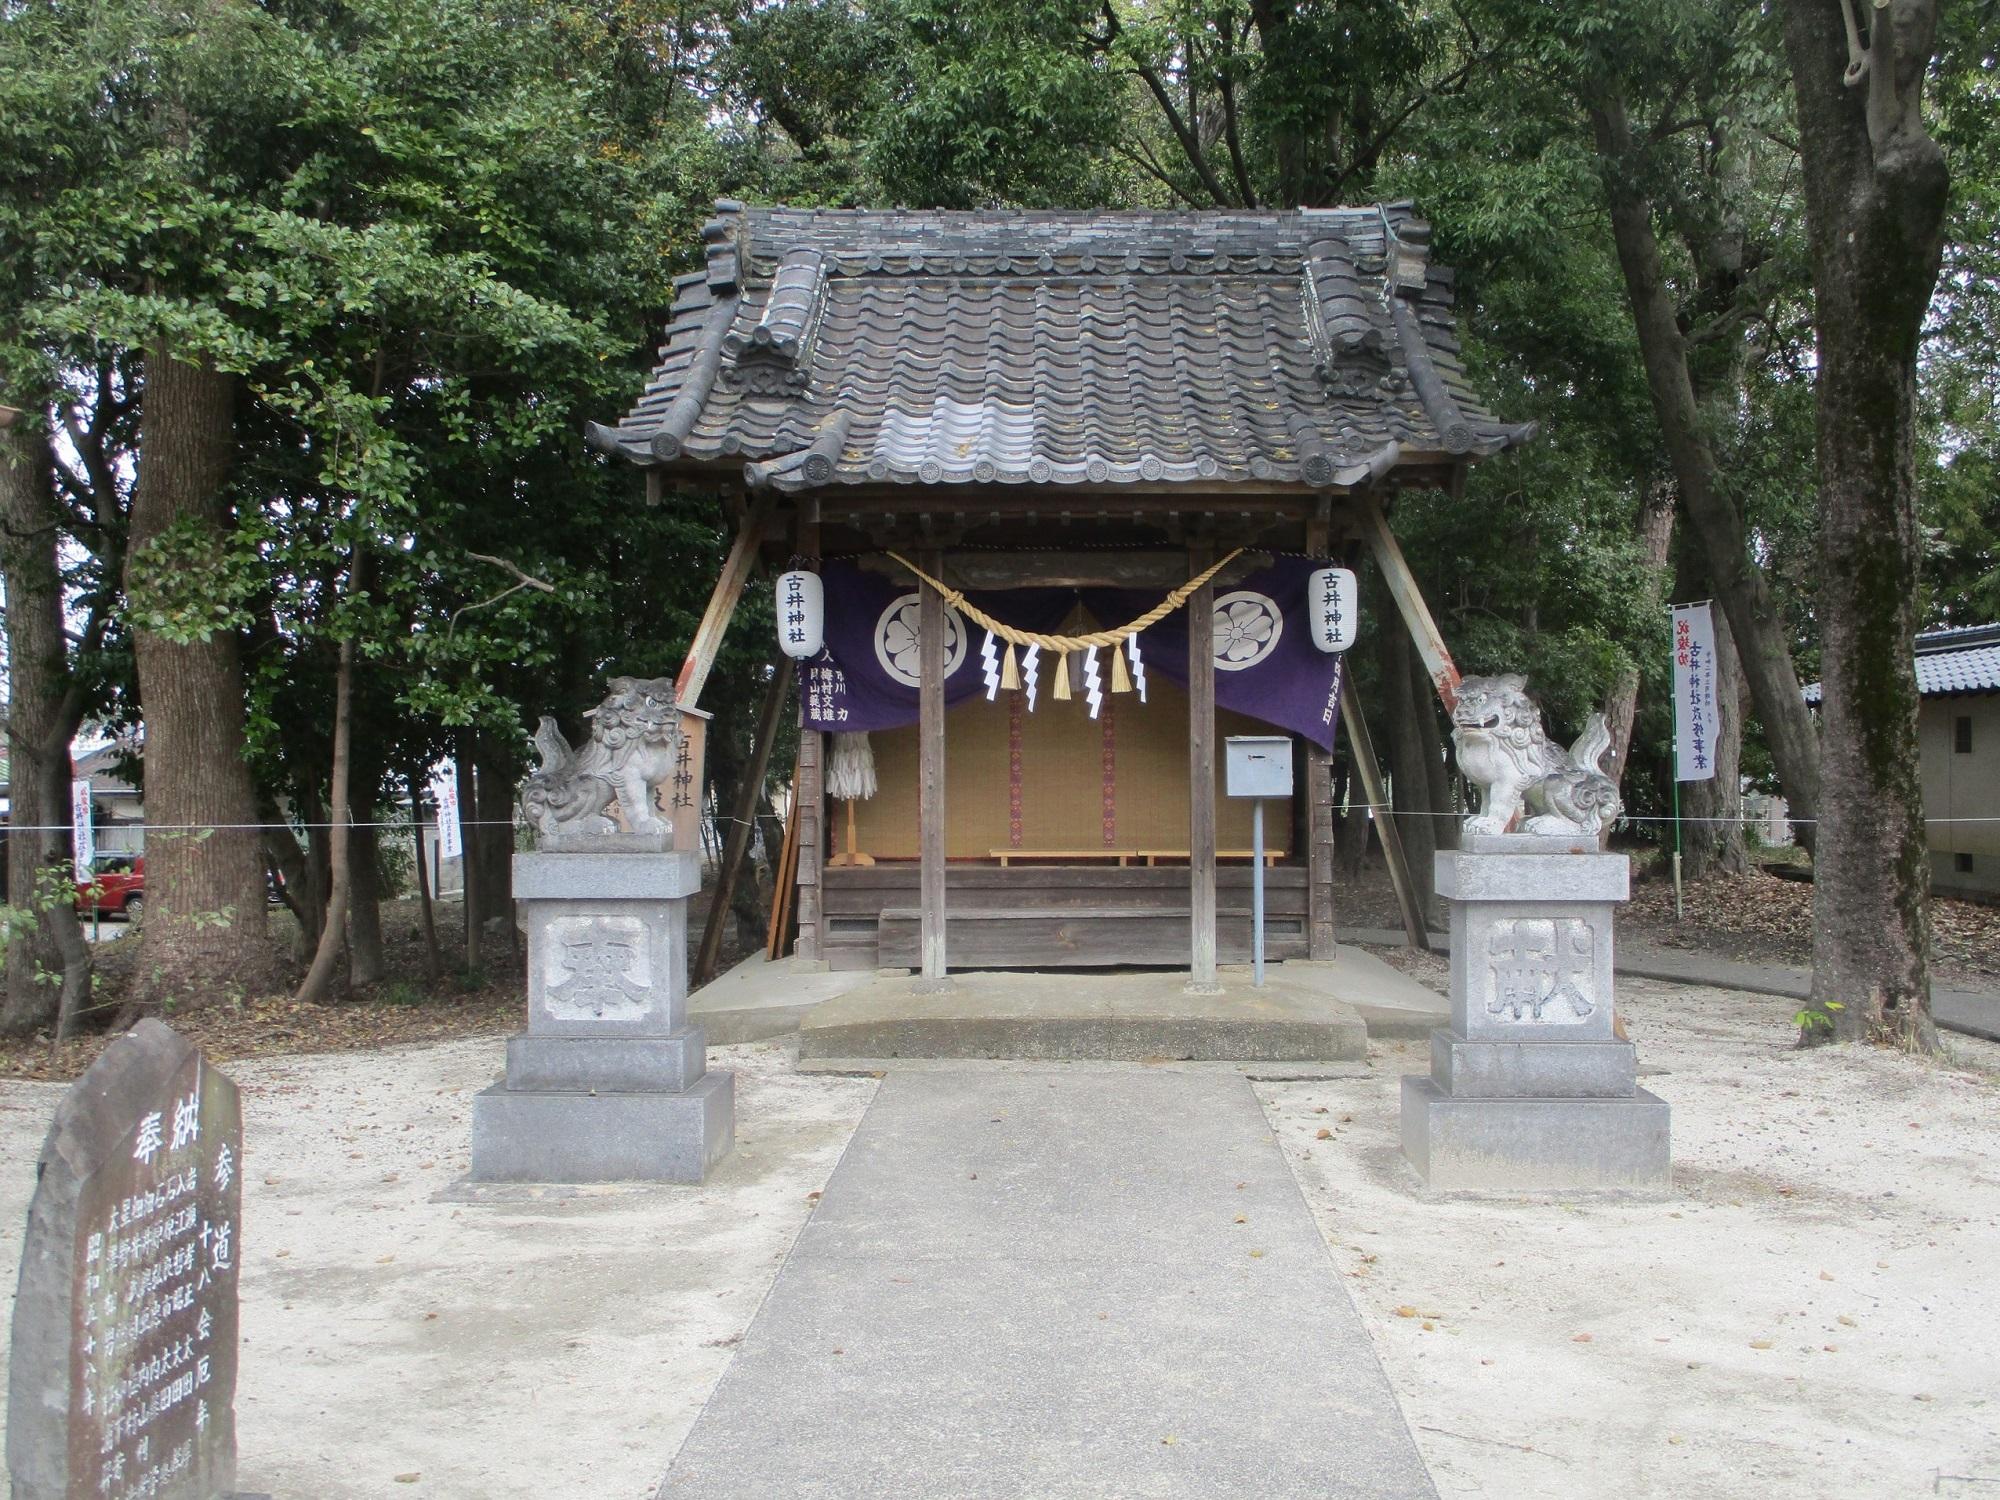 2020.3.28 (5) 古井神社 - かり殿 2000-1500